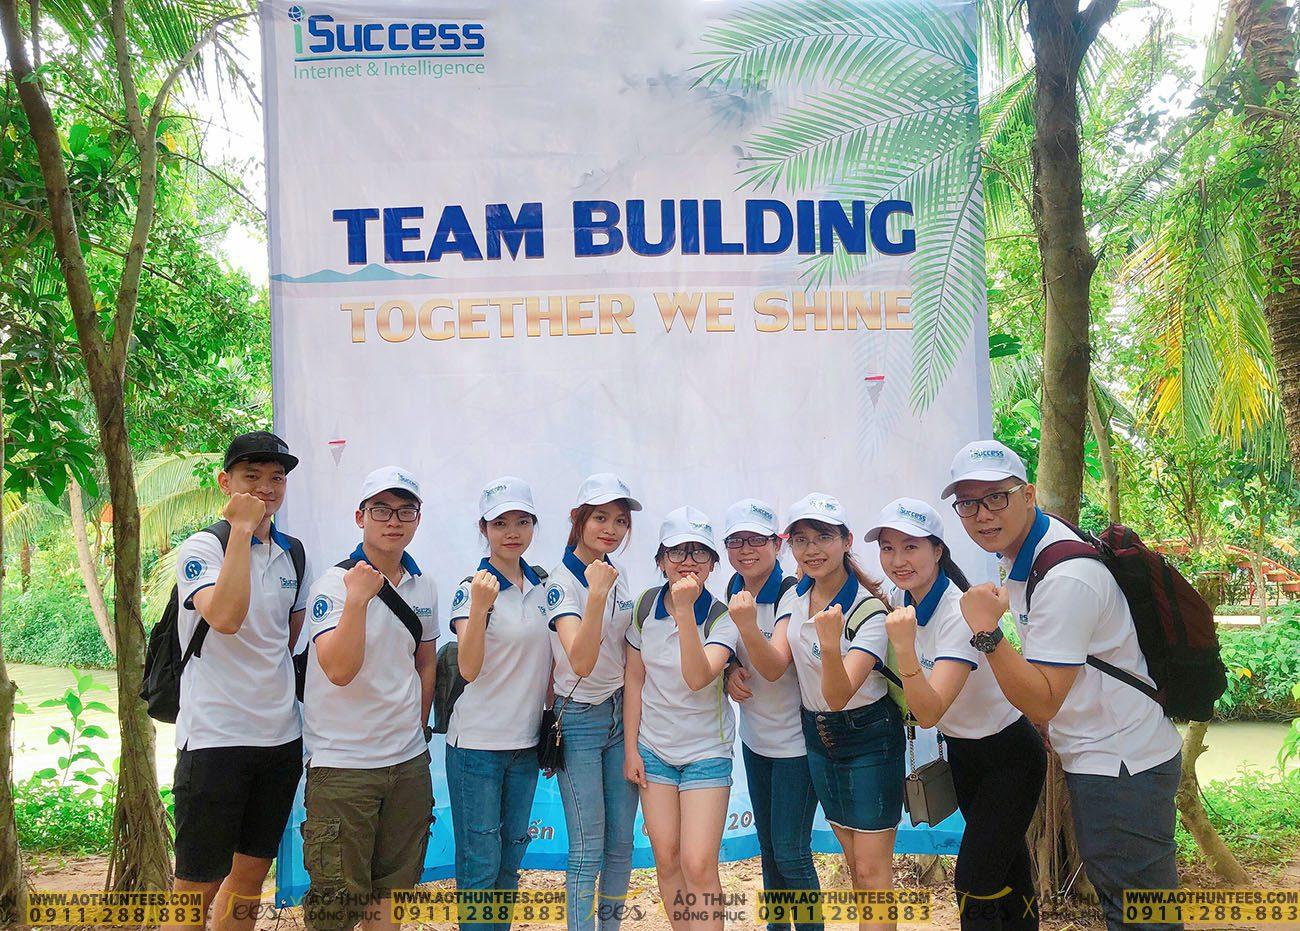 TNHH ISUCCESS 7529643e818564db3d94 - Công ty TNHH iSUCCESS tổ chức team building với mẫu áo thun đồng phục của TEES